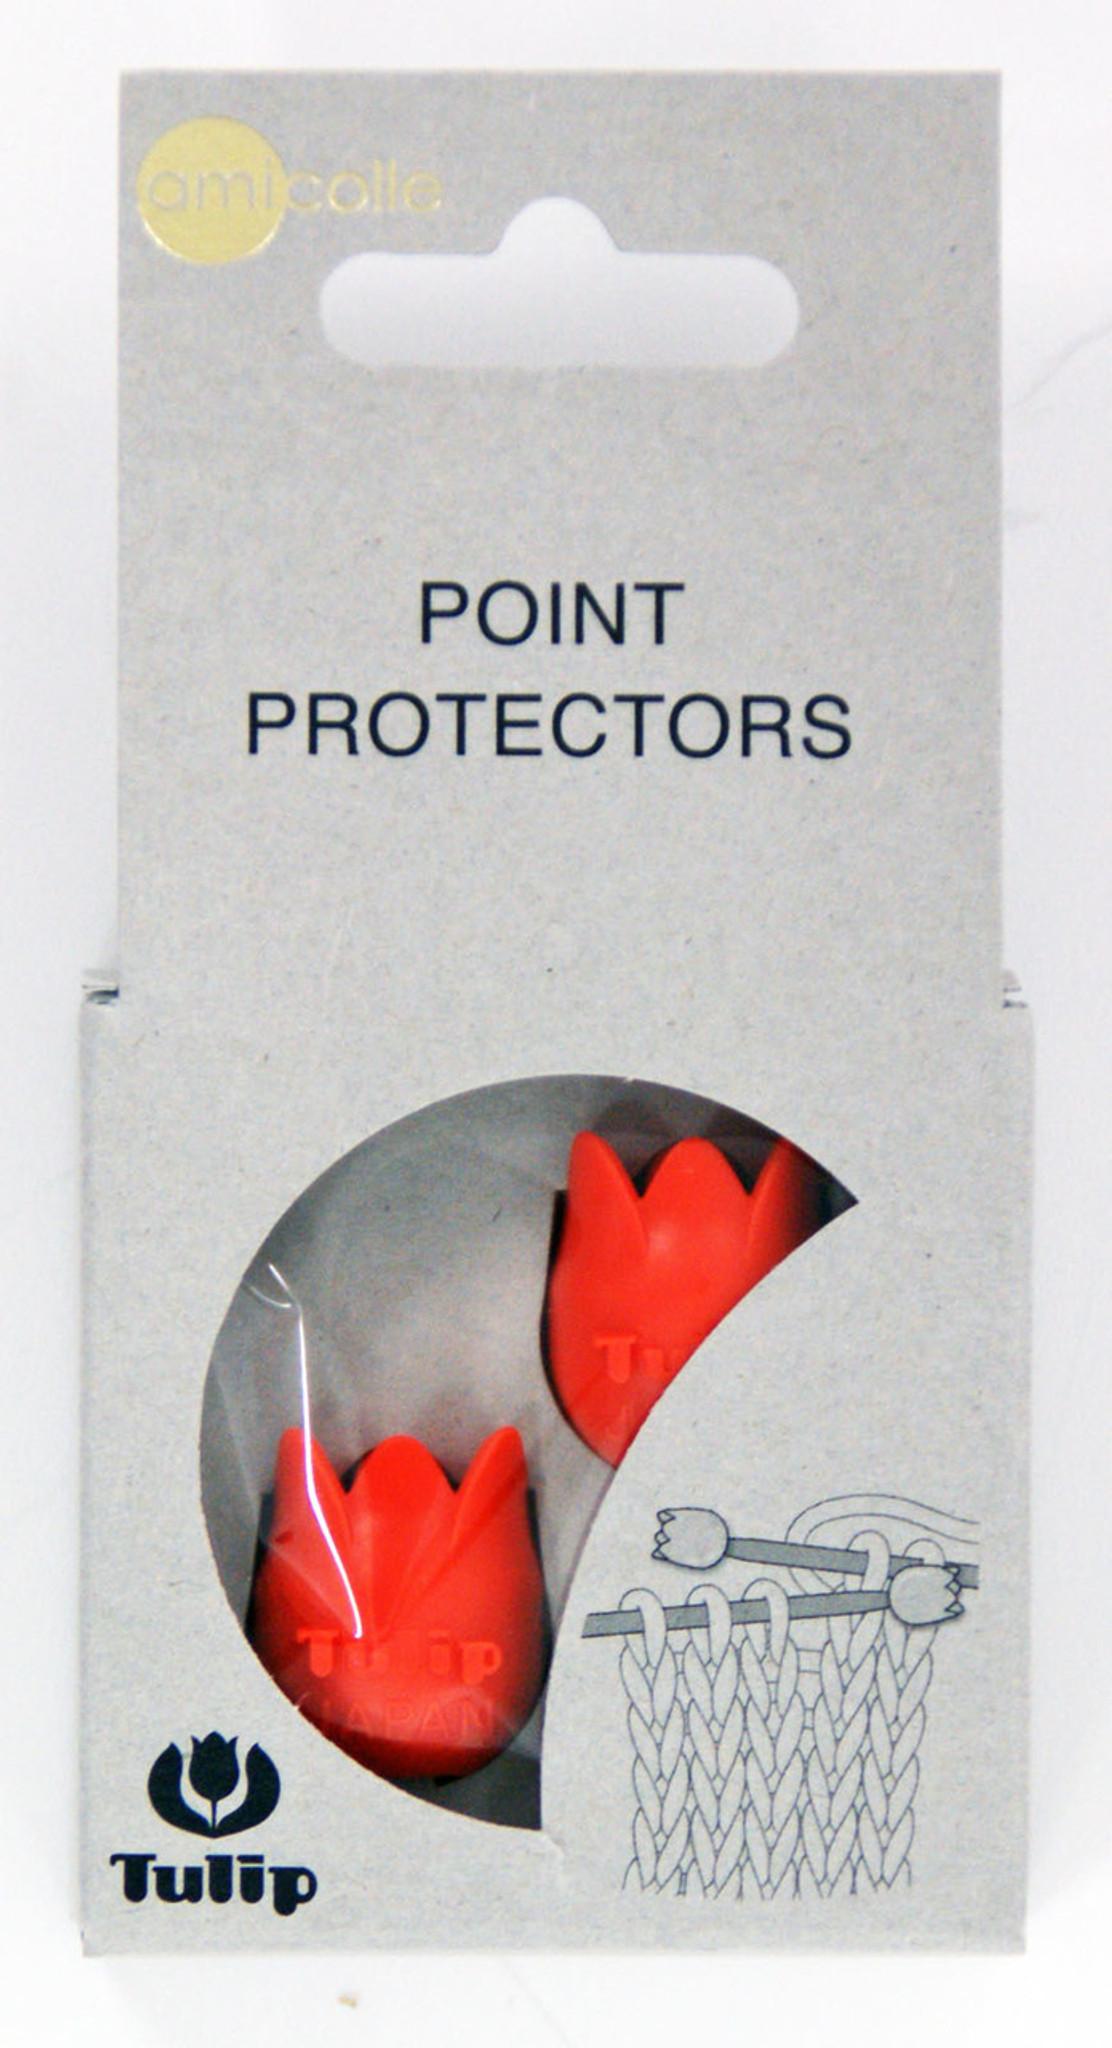 2 Pcs Tulip AC-049 Amicolle Point Protectors Large Orange